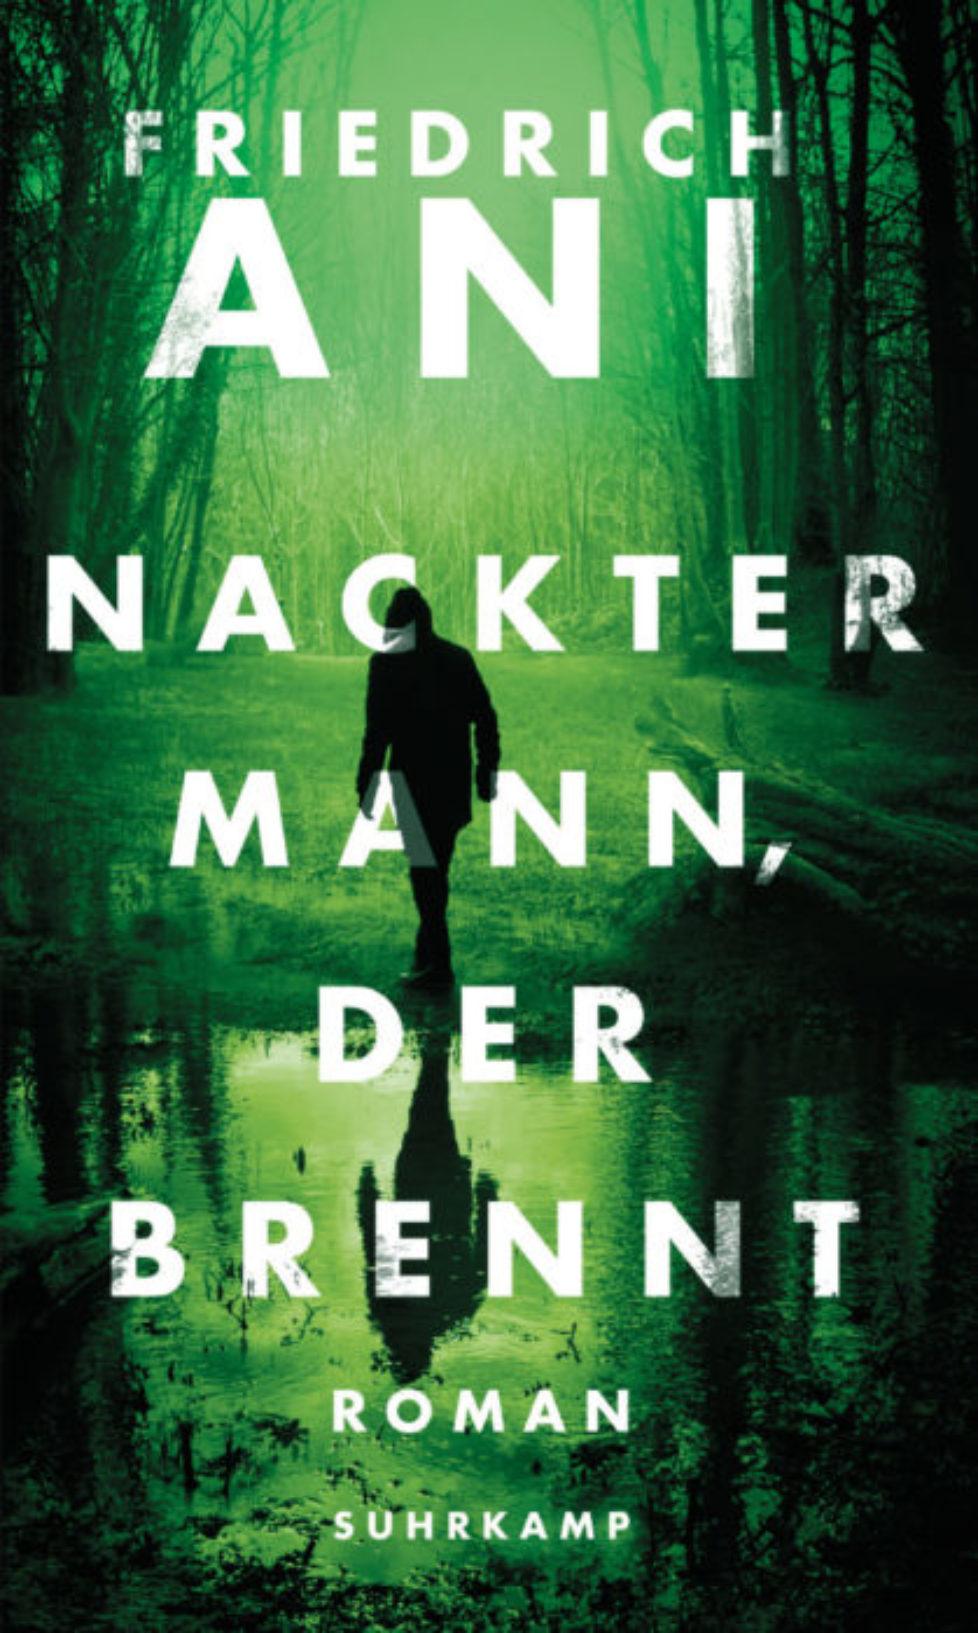 FRIEDRICH ANI: NACKTER MANN, DER BRENNT